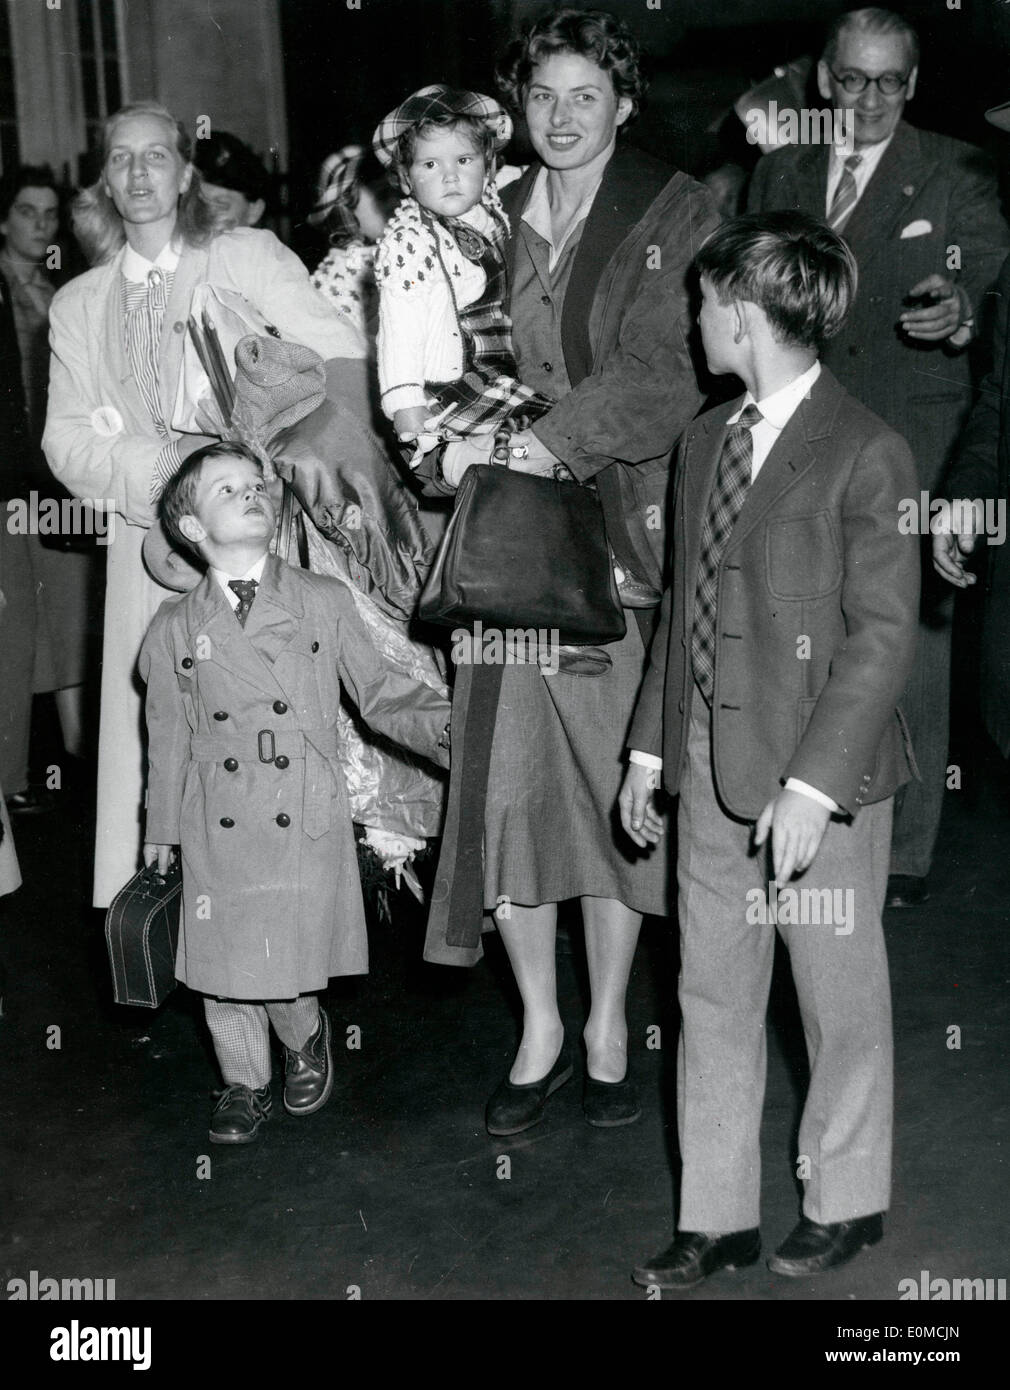 Actress Ingrid Bergman with her children in London Stock Photo